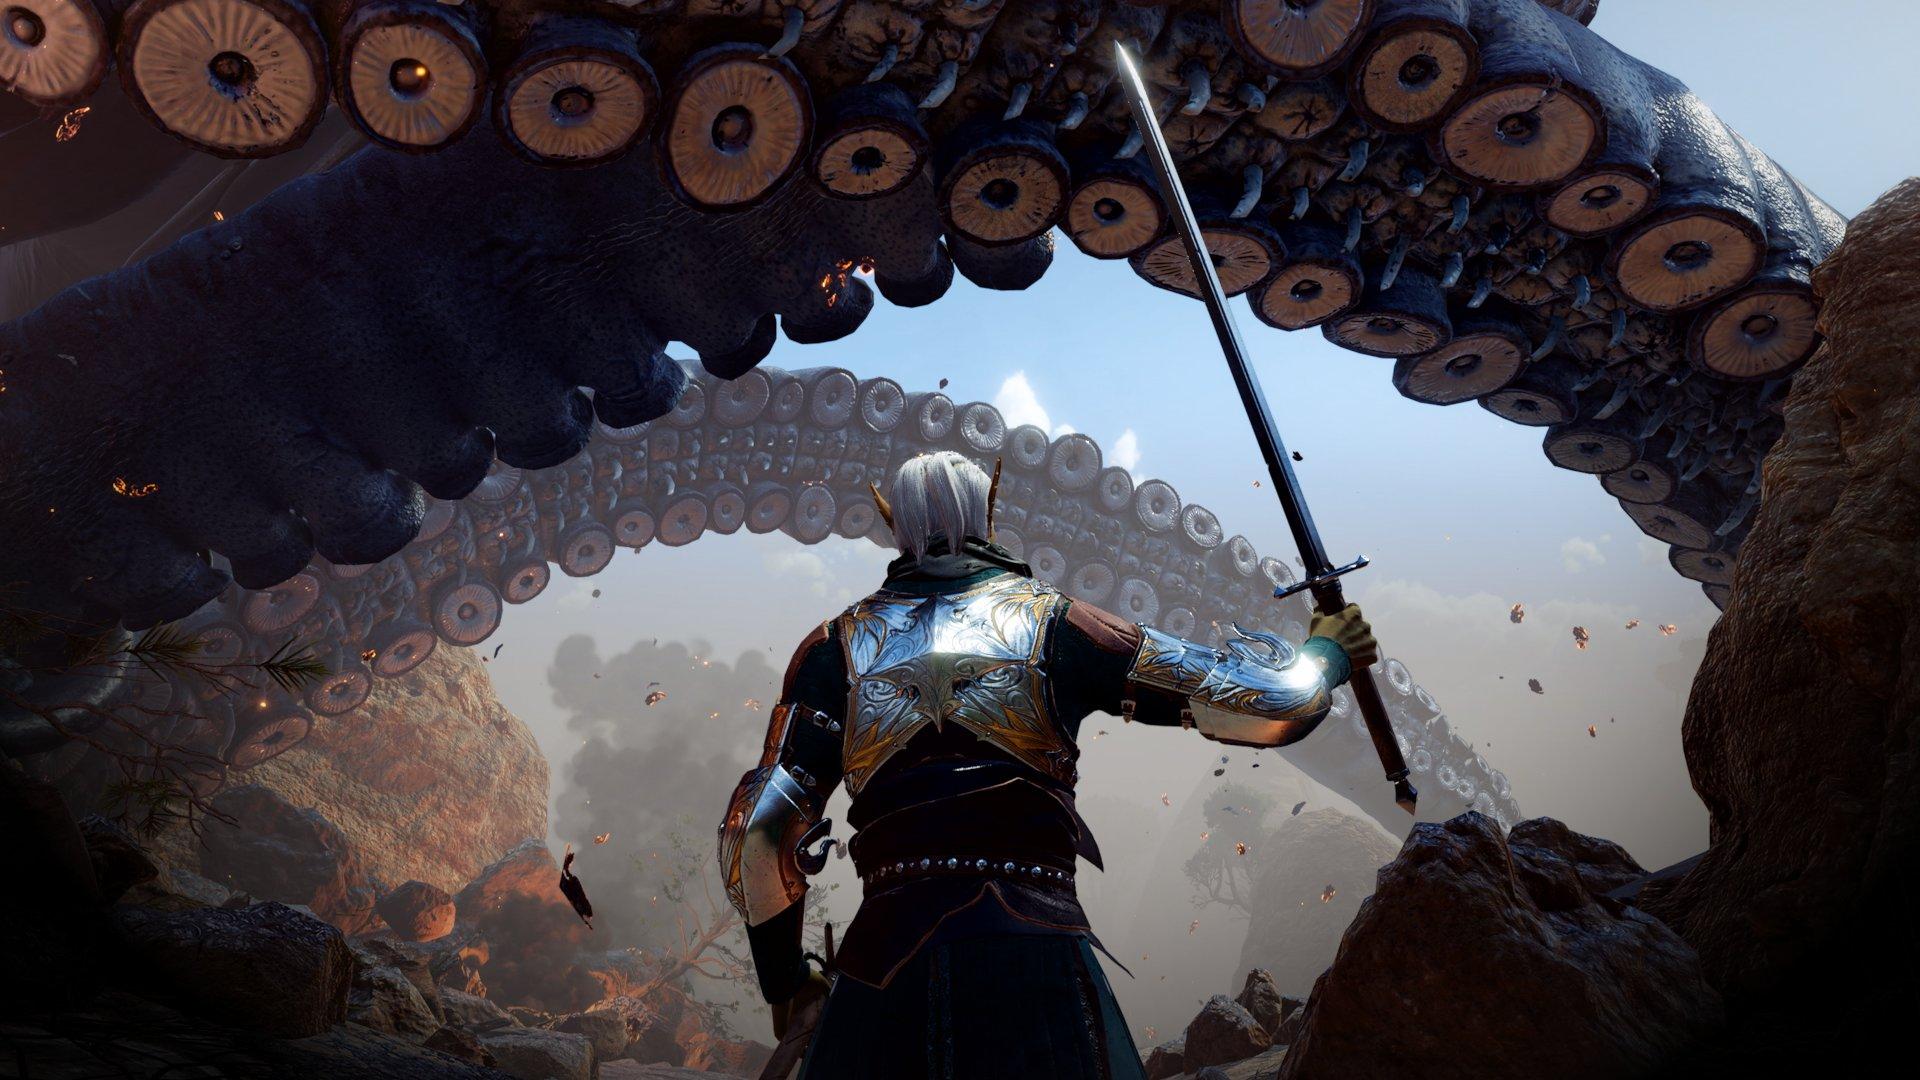 Unfurling tentacles in a Baldur's Gate 3 screenshot.